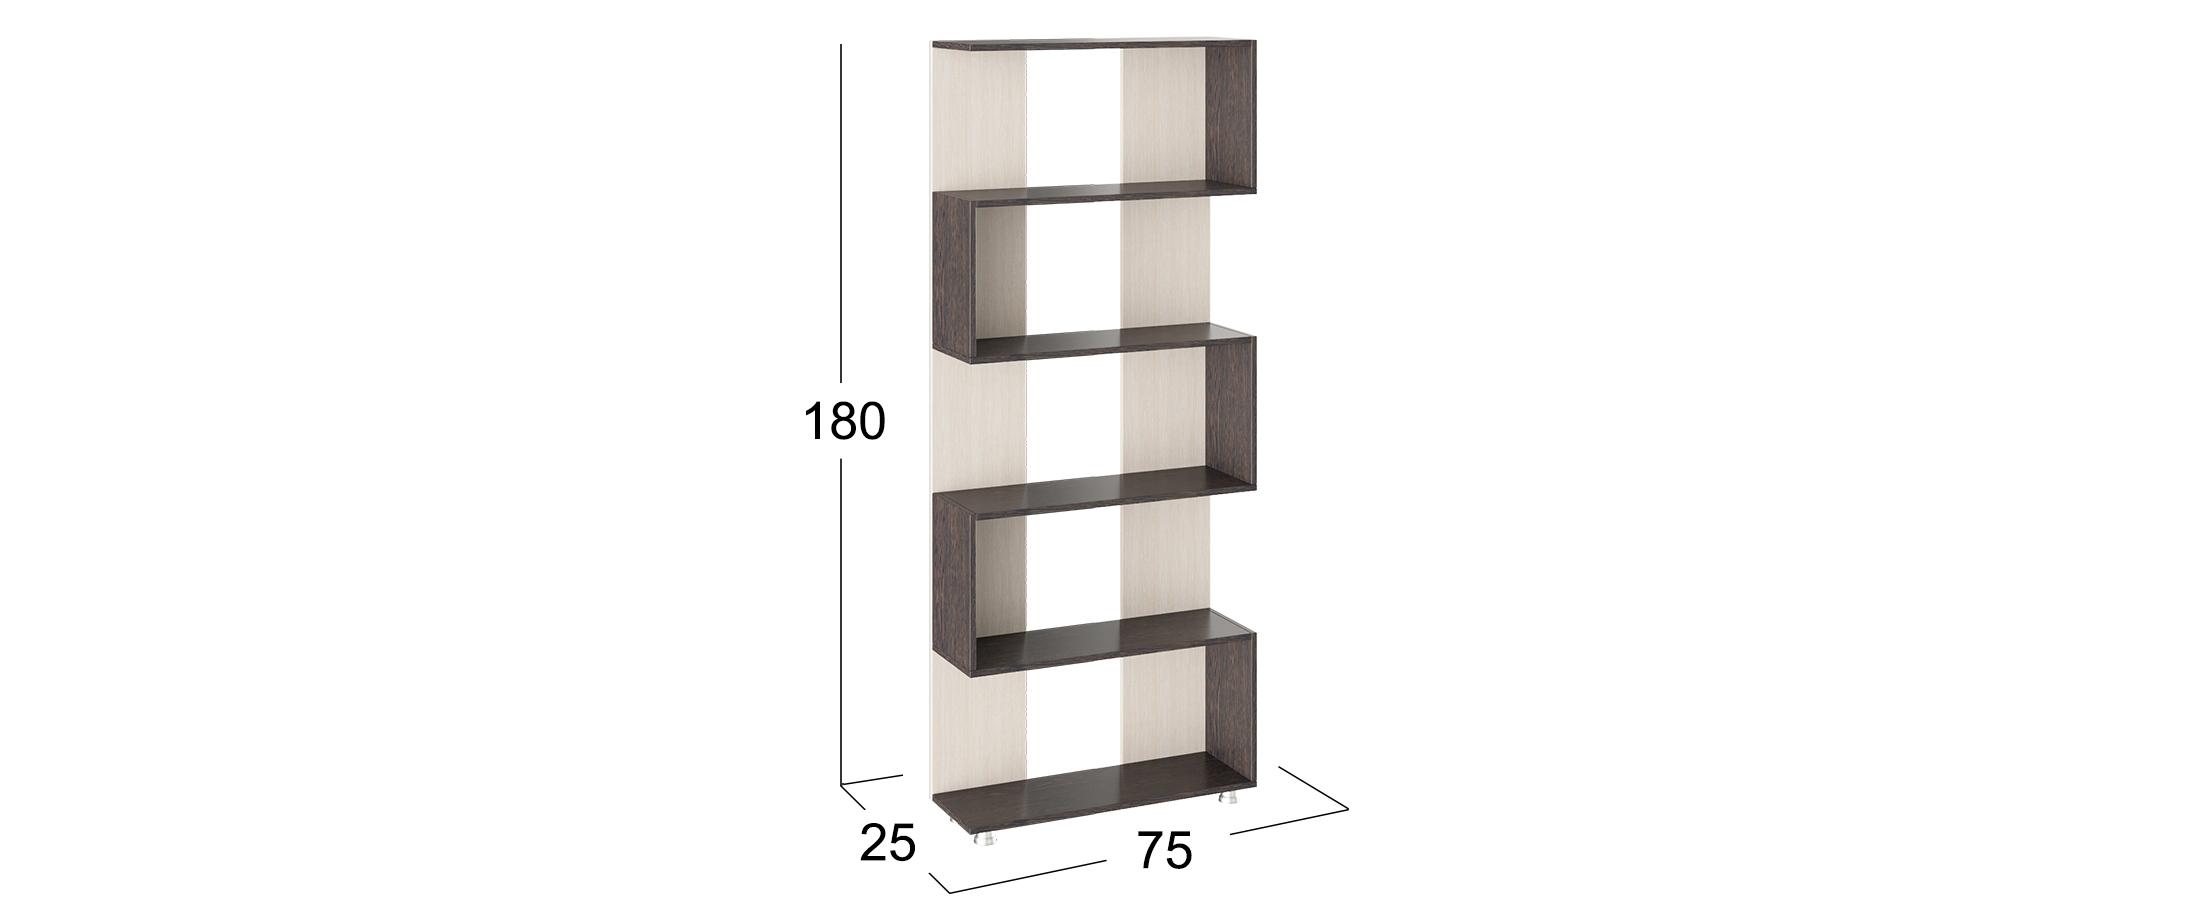 Стеллаж 4 Модель 925Стеллажи активно входят в моду и все чаще используются в виде важного, функционального предмета мебели, в качестве альтернативы громоздких стенок и книжных шкафов. Изящные<br><br>Ширина см: 75<br>Глубина см: 25<br>Высота см: 180<br>Материал корпуса: ЛДСП<br>Цвет корпуса: Венге, Дуб молочный